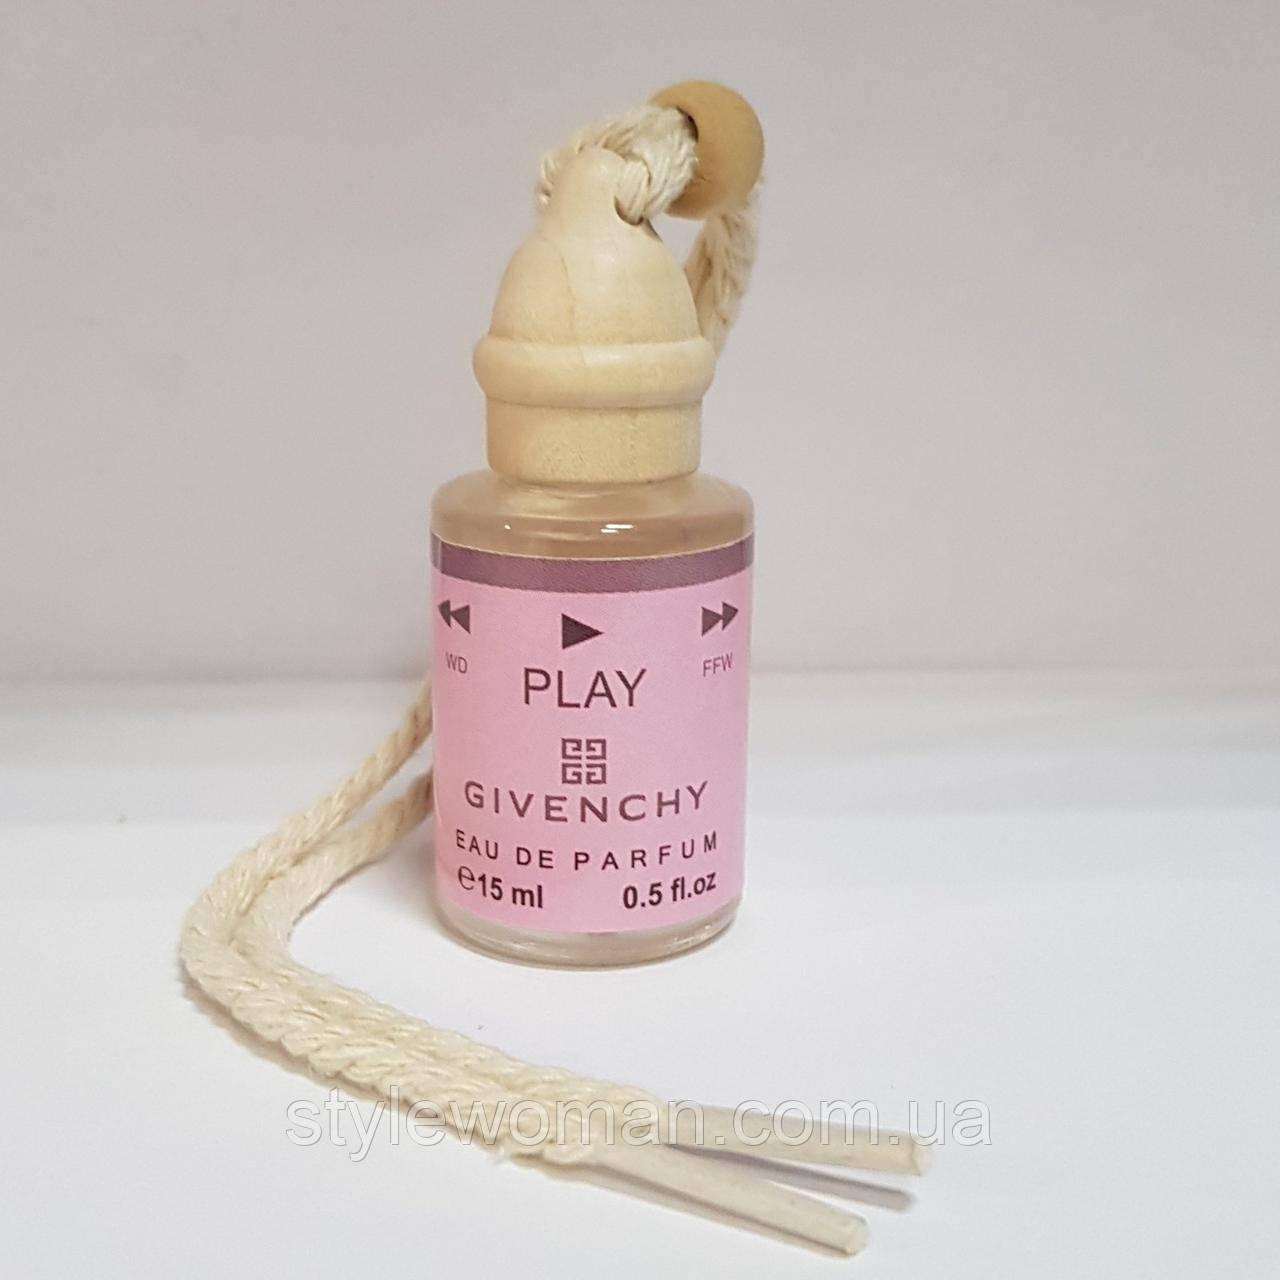 Givenchy Play для автомобиля парфюм освежитель 15мл